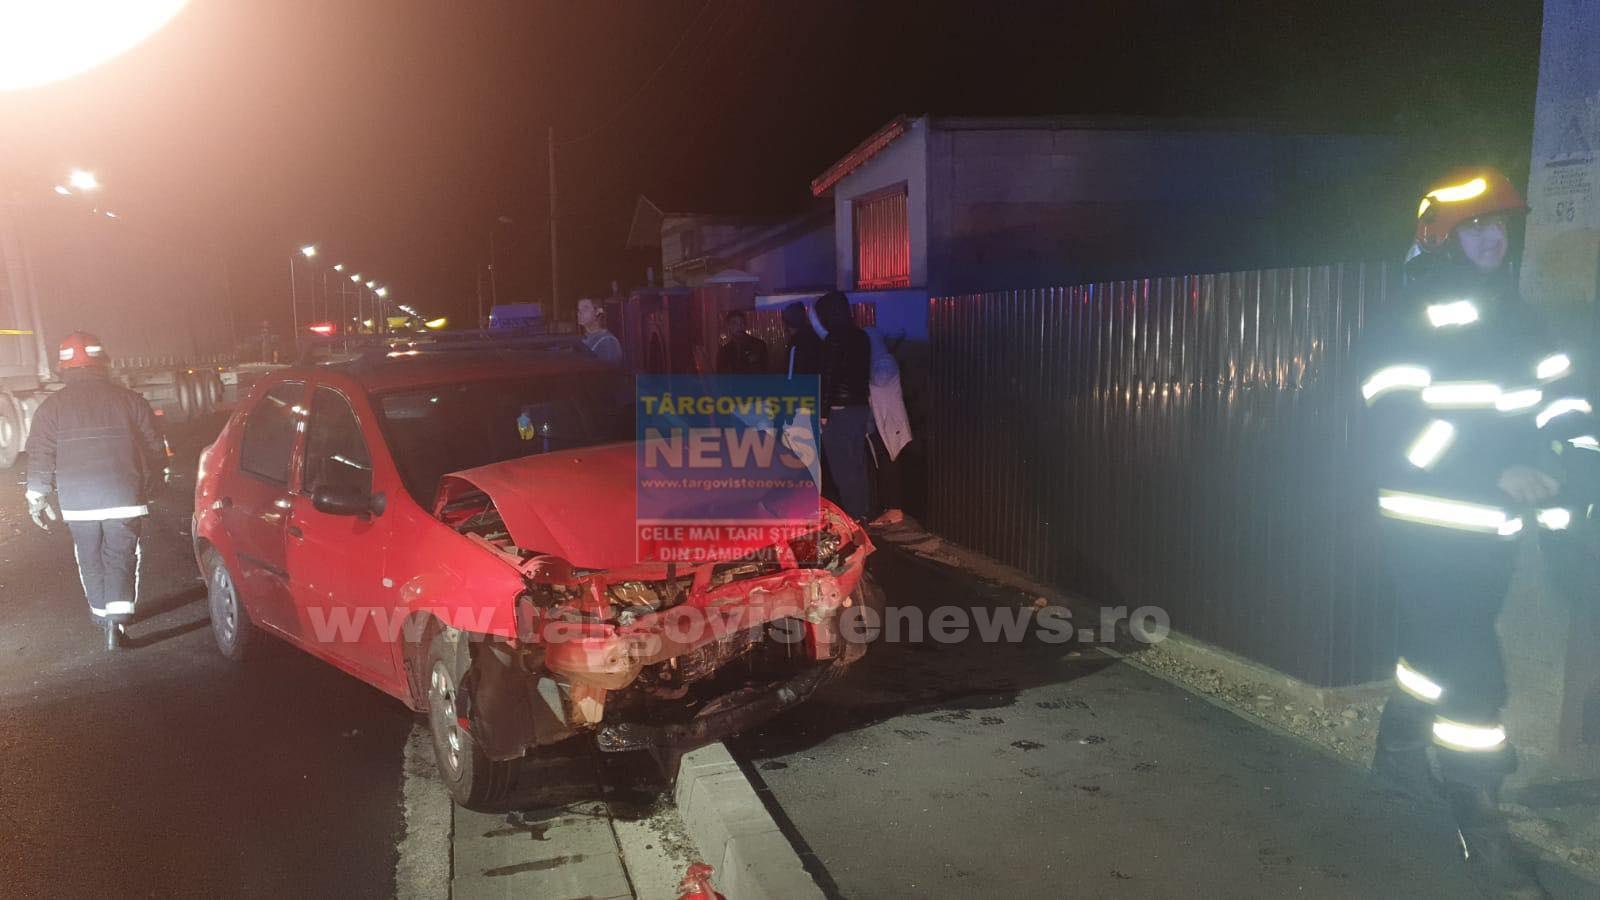 FOTO – VIDEO: Un taximetru a izbit o maşină, la Ulmi. Şoferii şi o pasageră minoră, răniţi